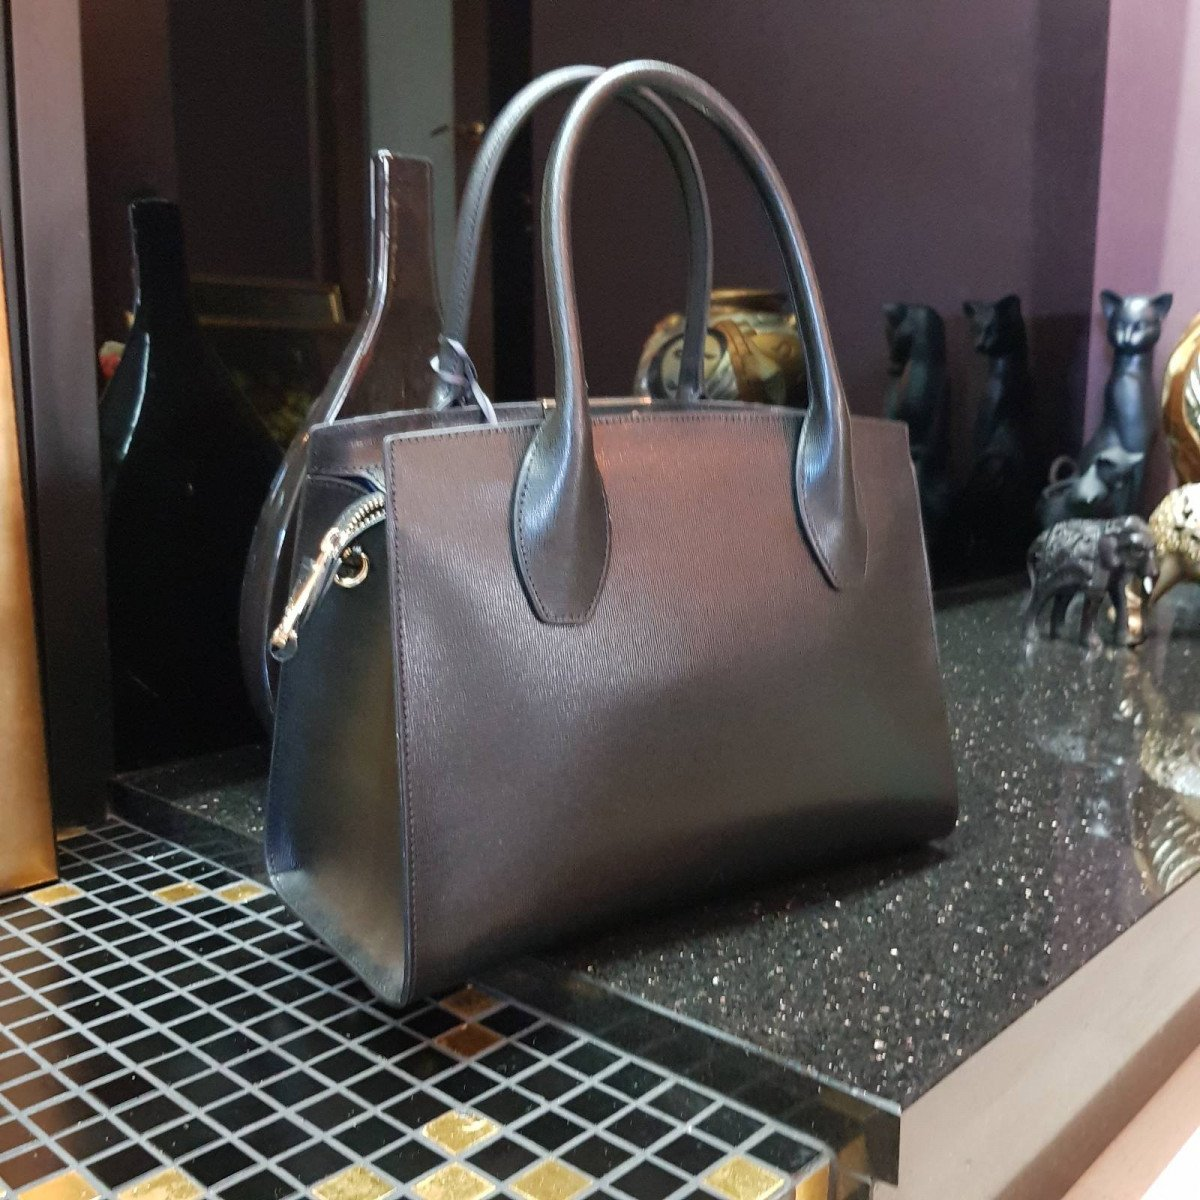 Кожаная женская сумка LA Martina 41W419 P0041 black/acc из натуральной кожи из натуральной кожи